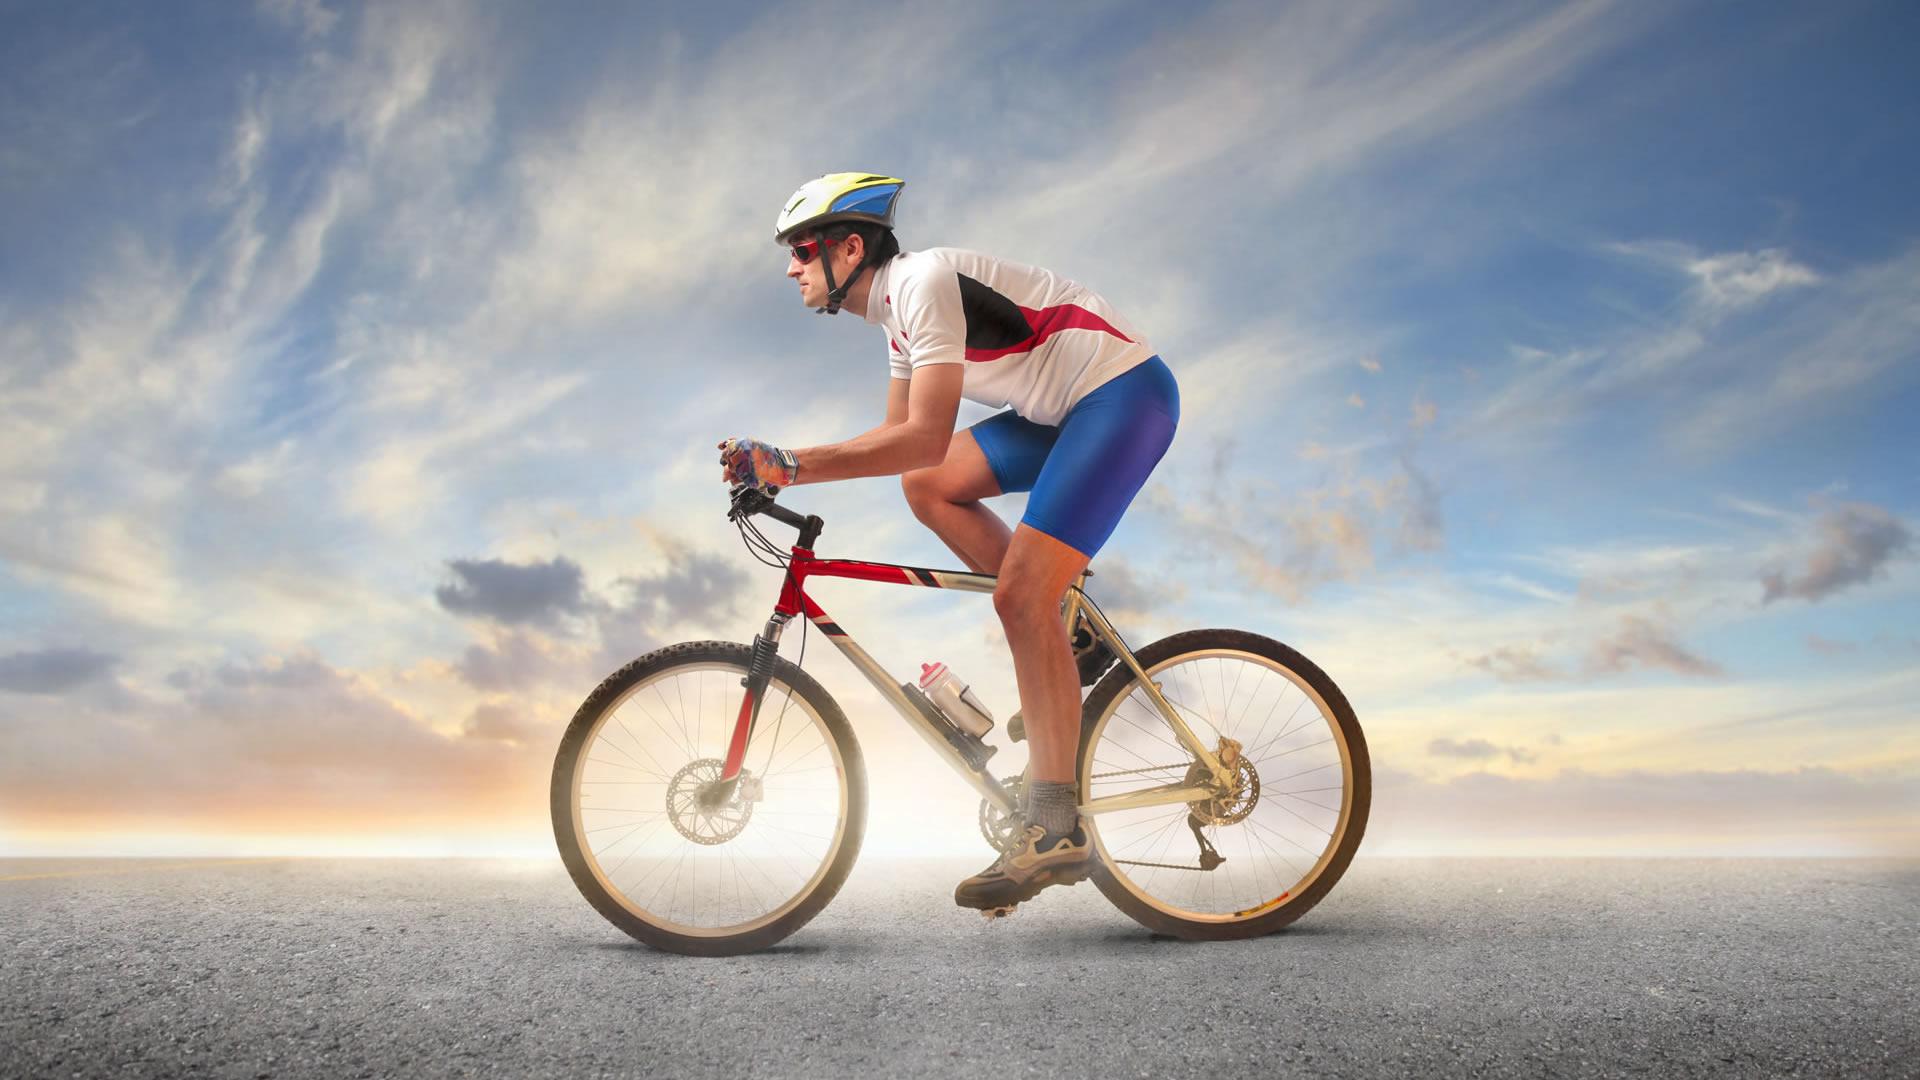 ejercicios de fuerza para ciclistas